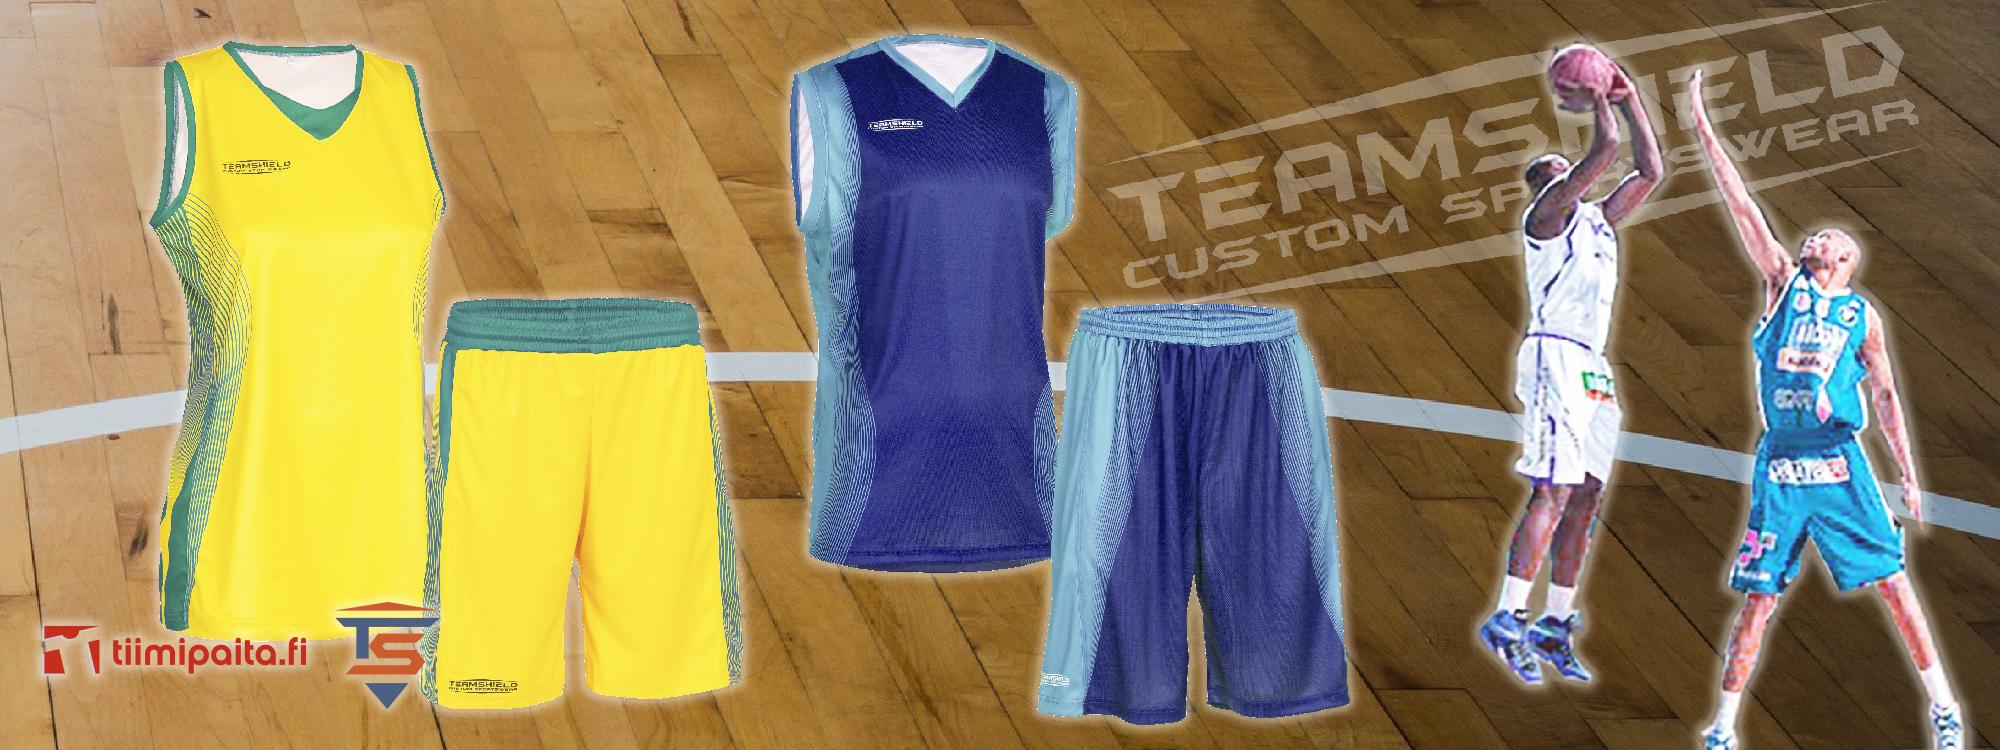 TEAMSHIELD-Essential-Basket-Koripallo-Sublimaatio-Peliasu-Pelipaita-Shortsit-Omalla-Numerolla-Logolla-Painatuksella